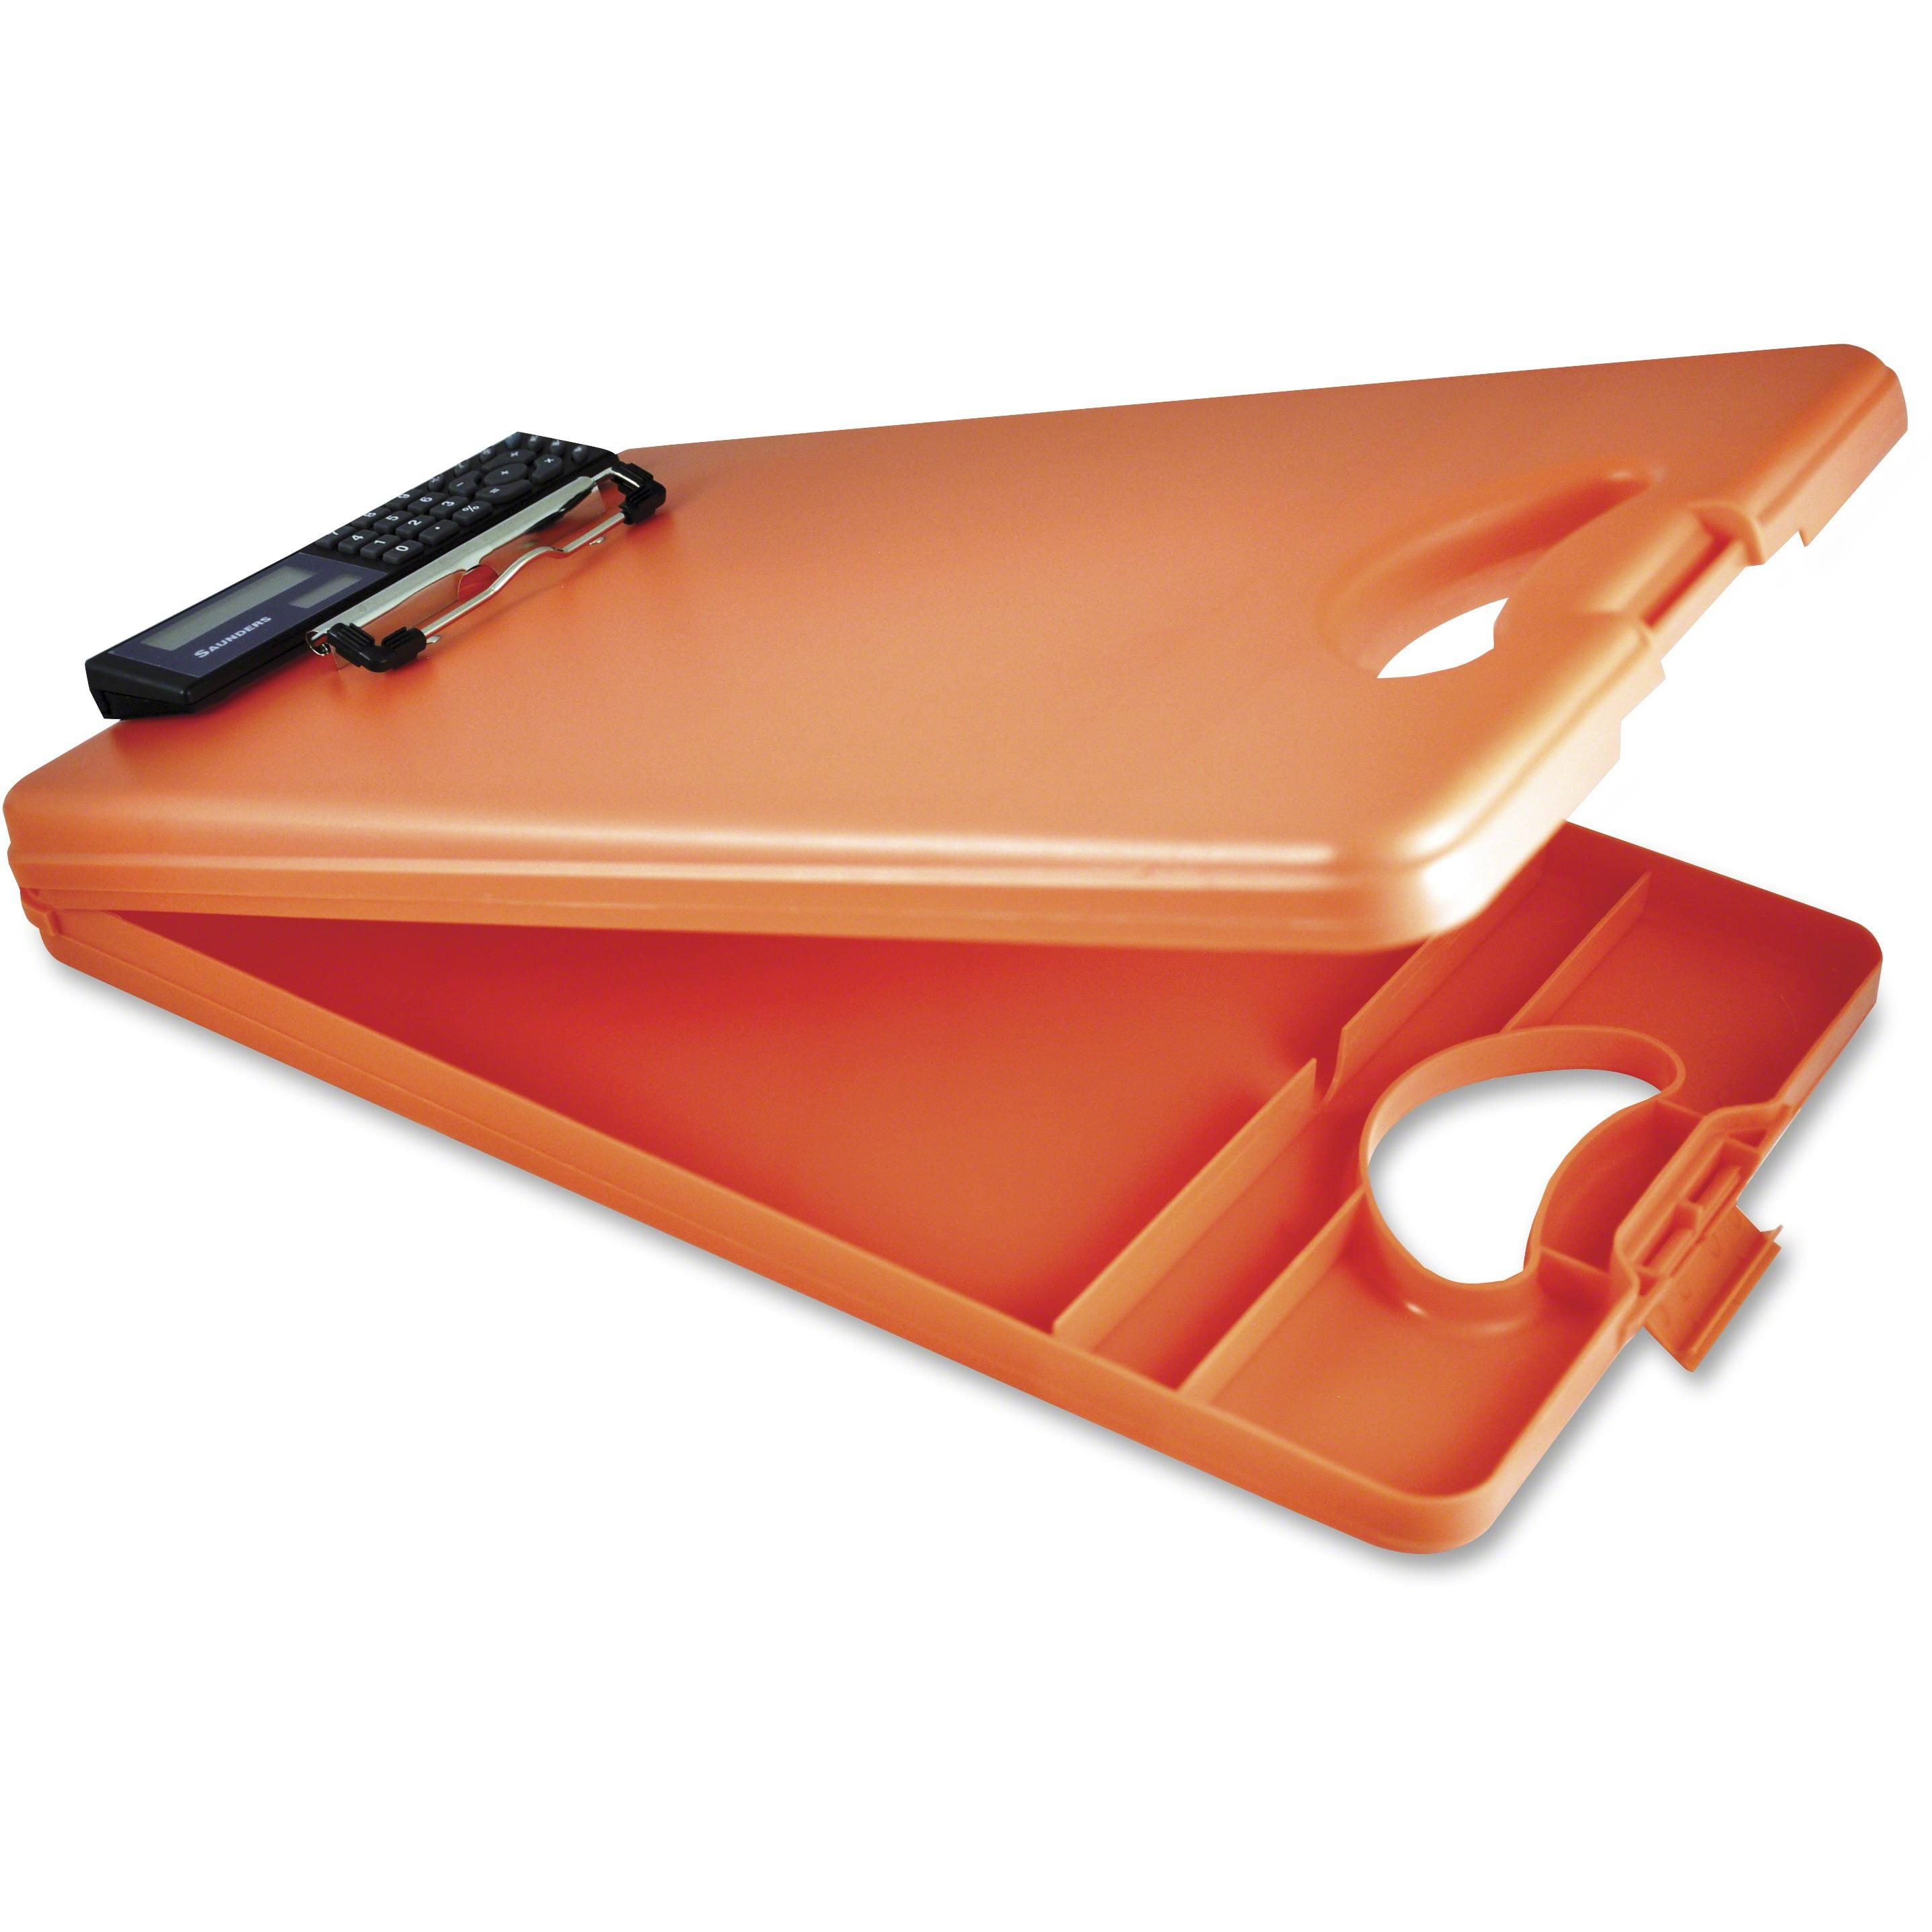 Saunders, SAU00543, Deskmate II Storage Clipboard, 1 Each, Tangerine